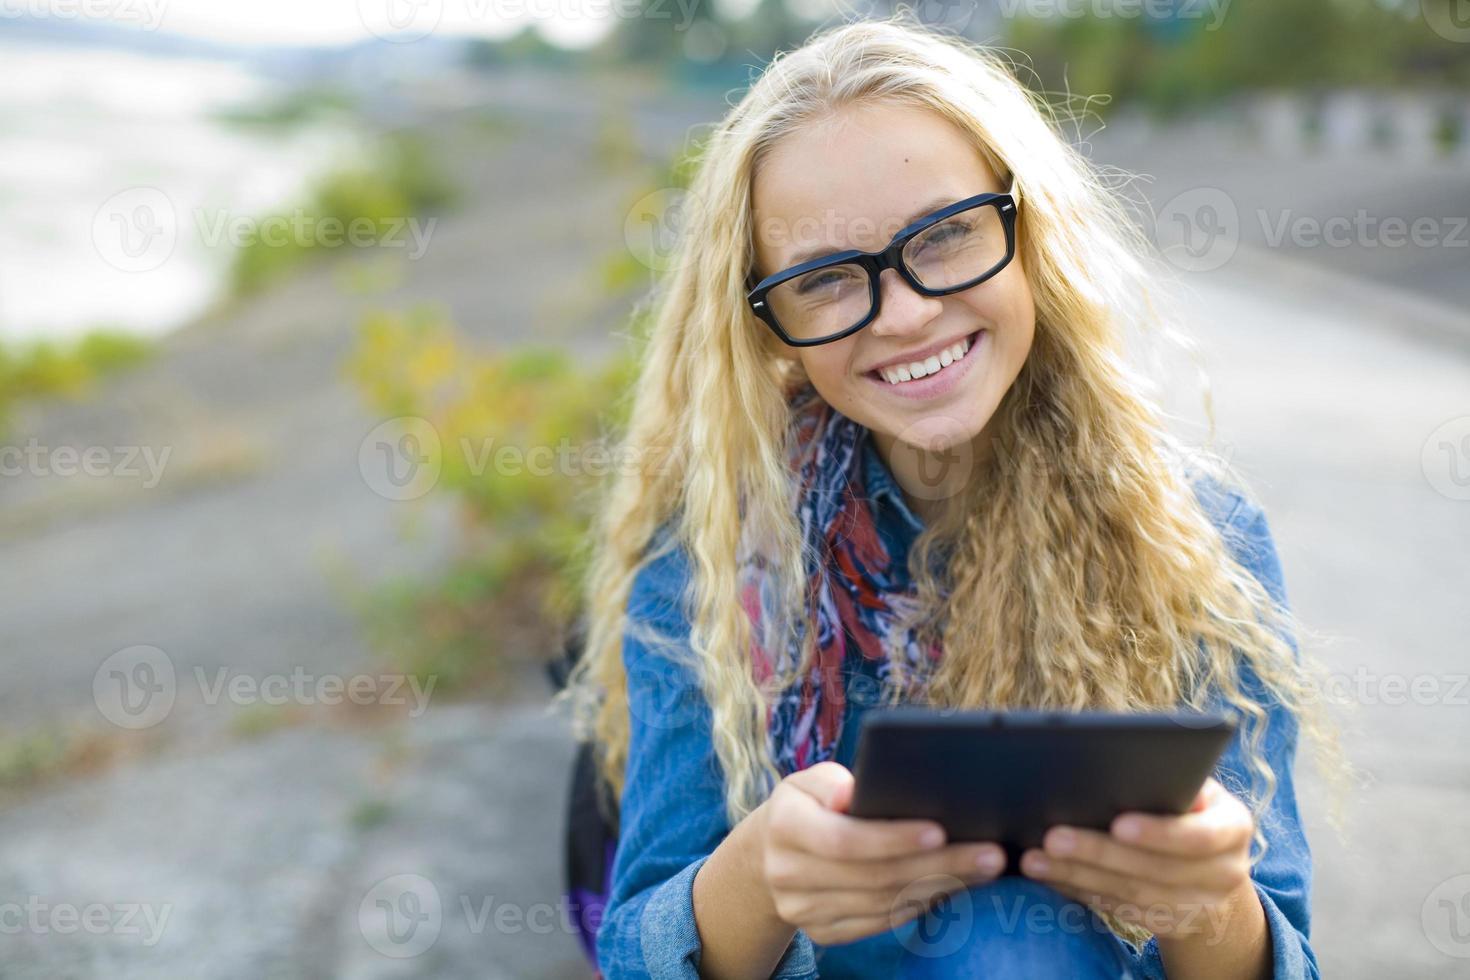 studente con un tablet all'aperto in estate foto